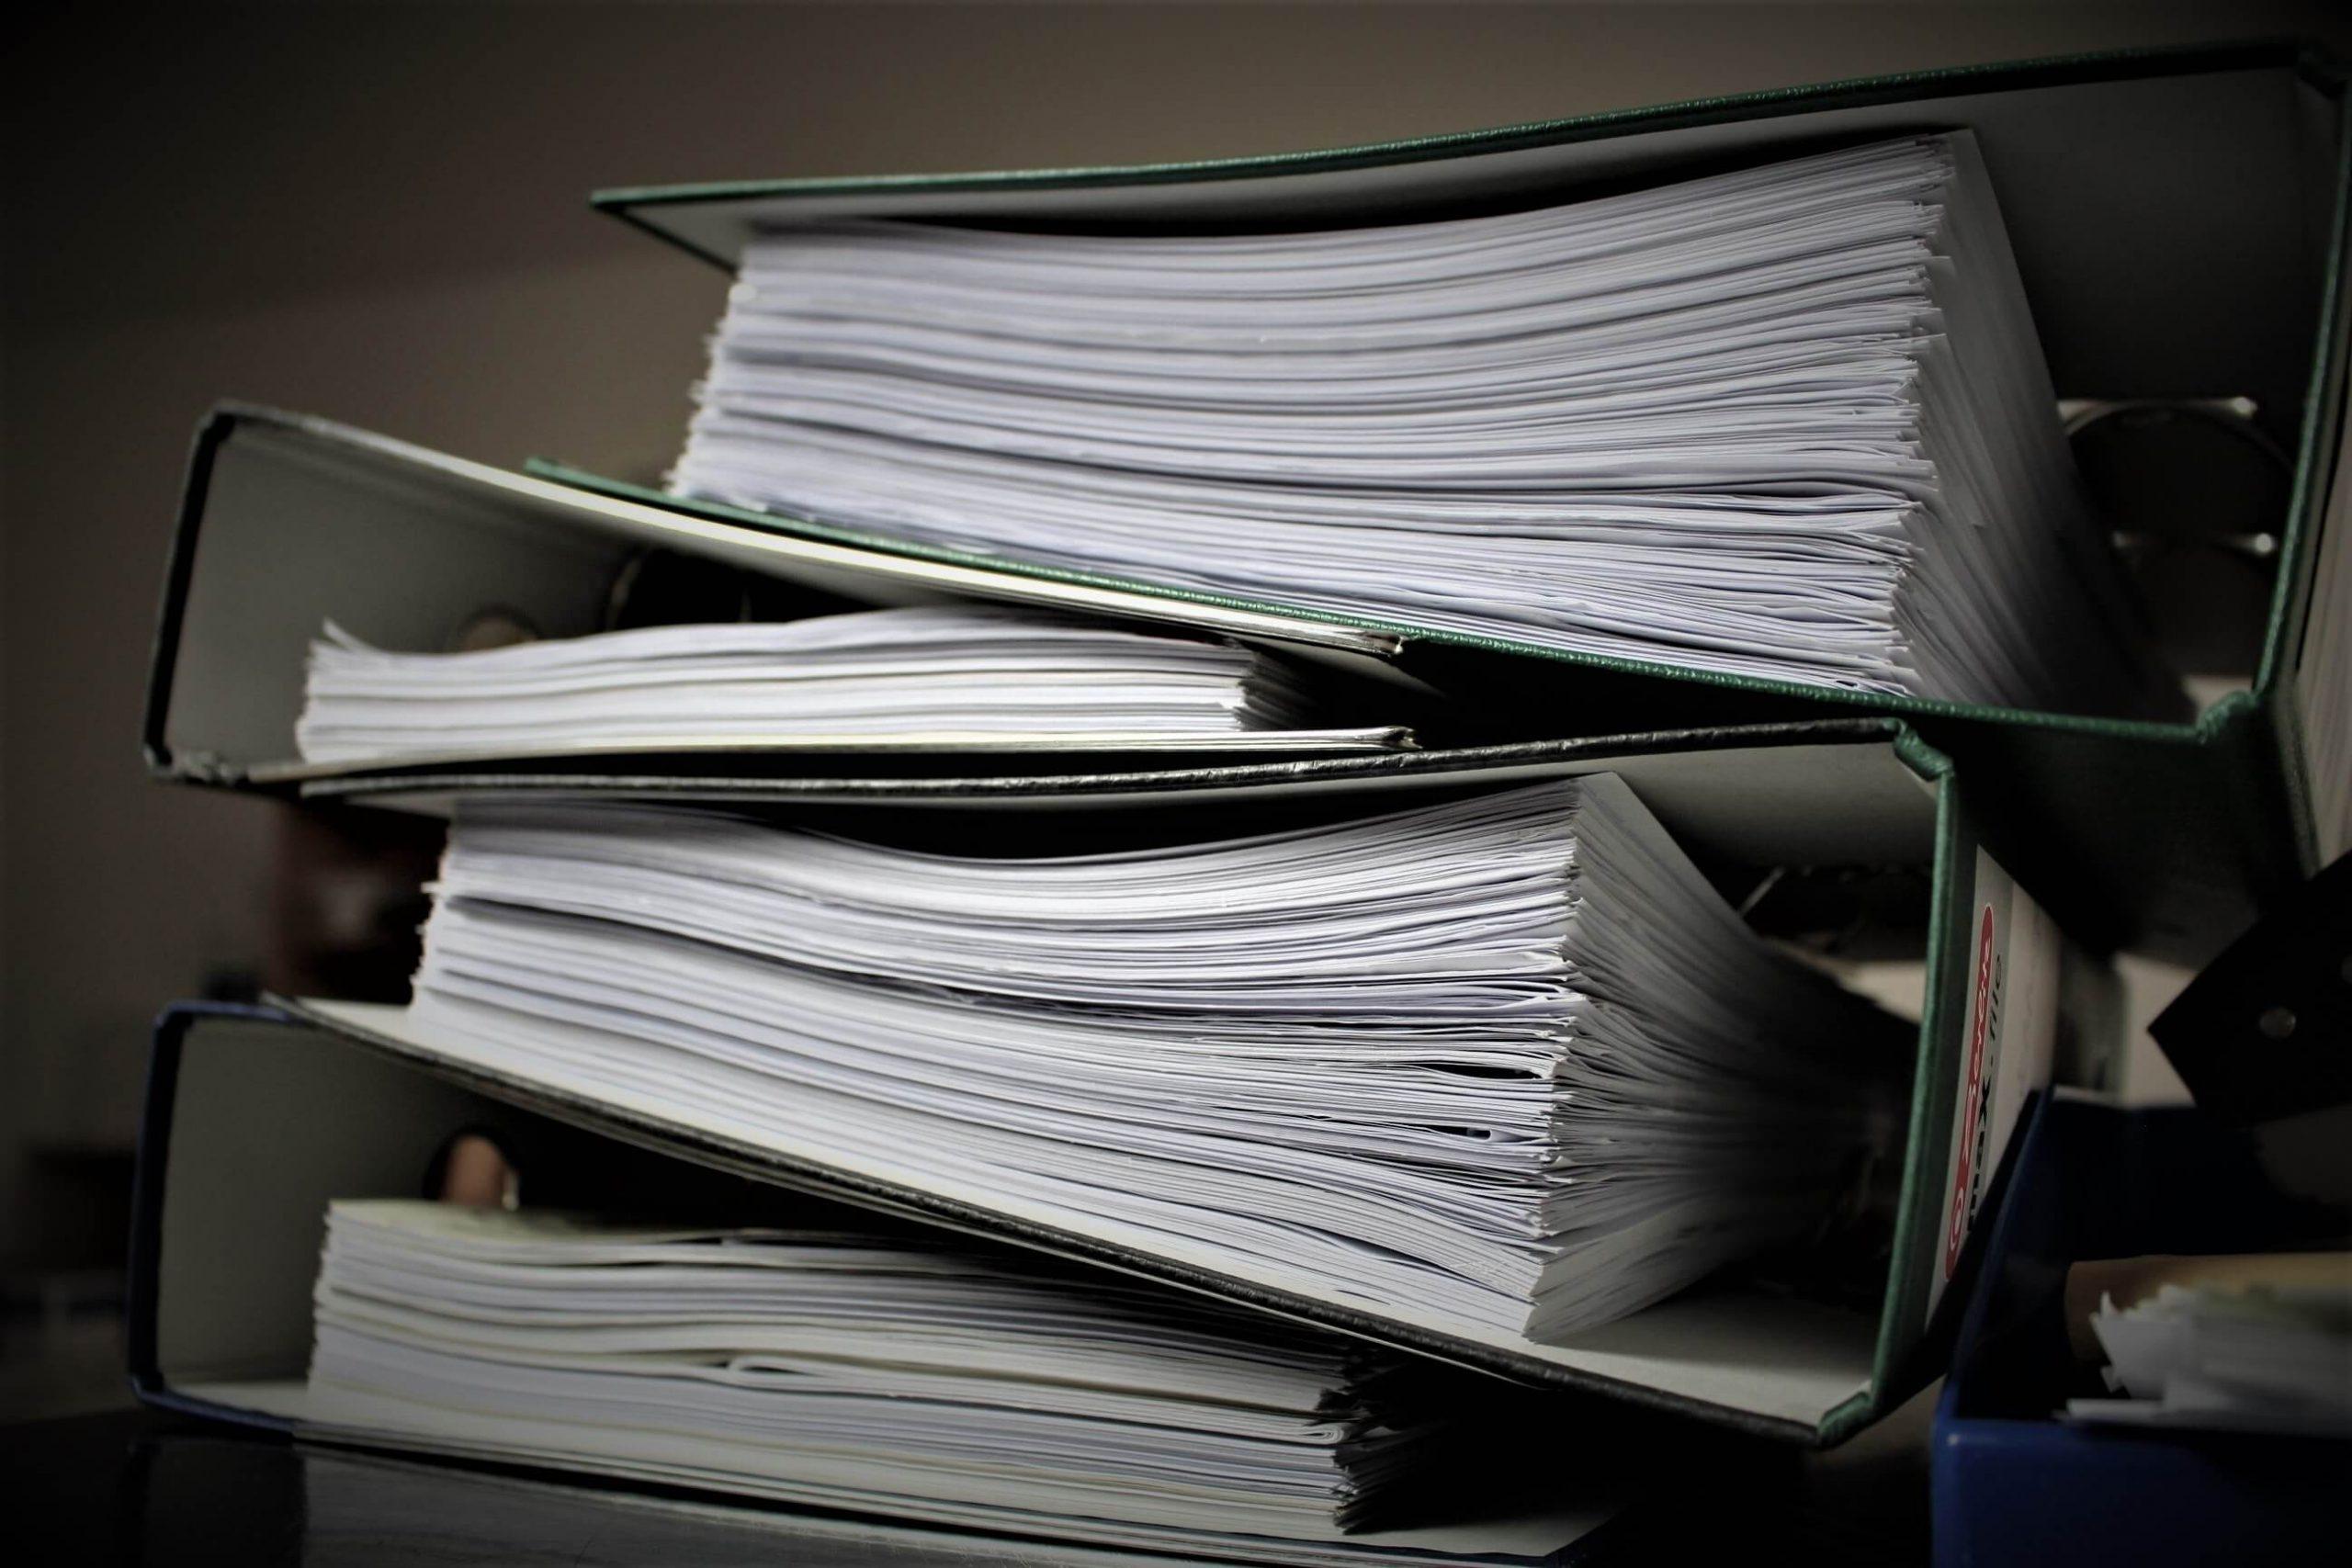 Documentos necesarios para el despacho aduanero.